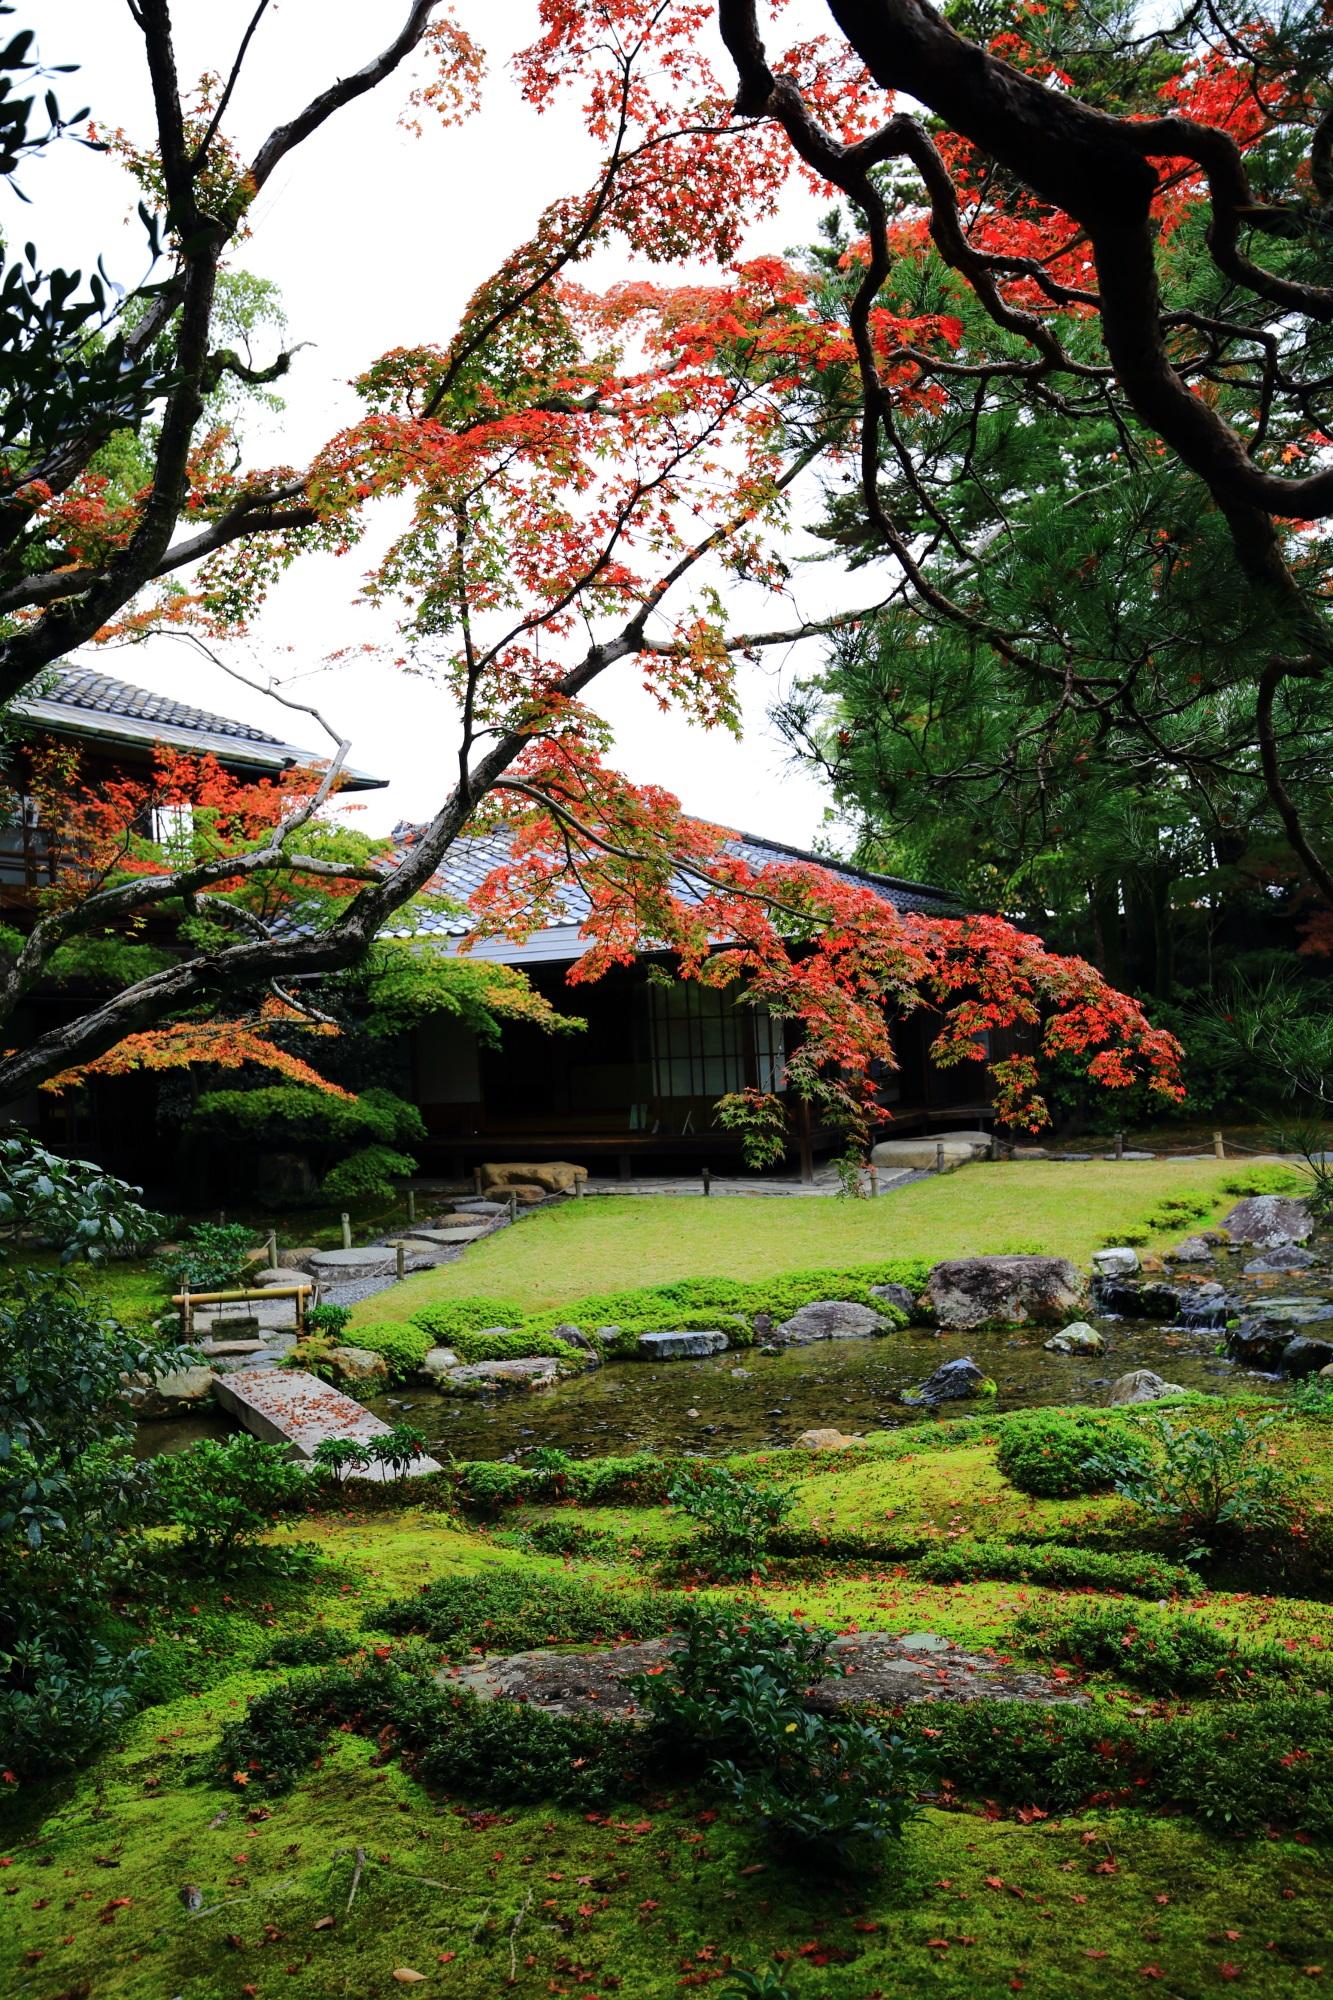 無鄰菴の頑張ってくれた紅葉と秋の情景